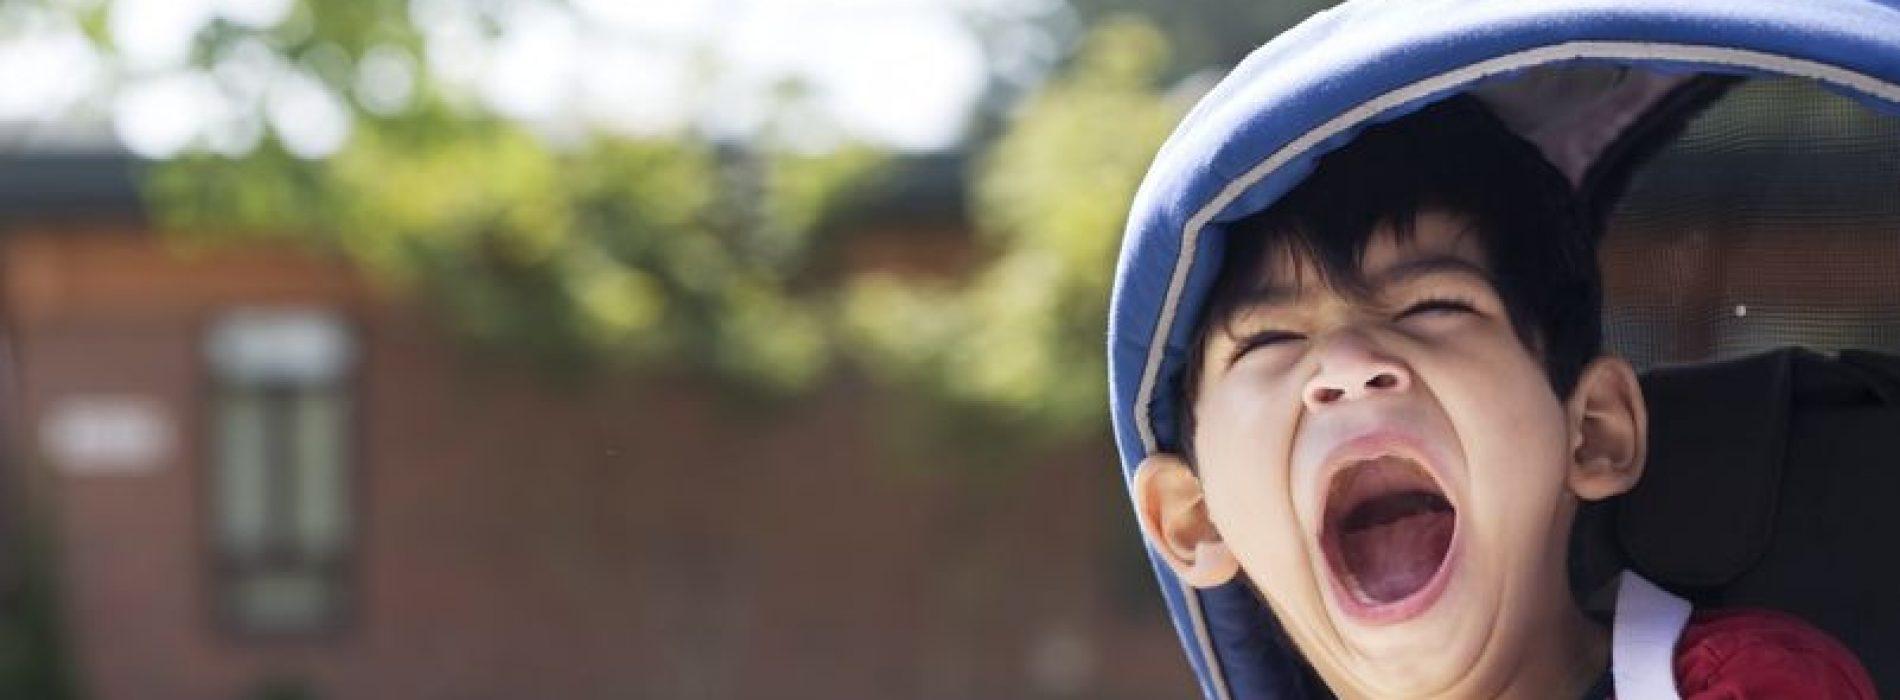 Zespół Downa – Przyczyny, objawy, diagnoza i leczenie